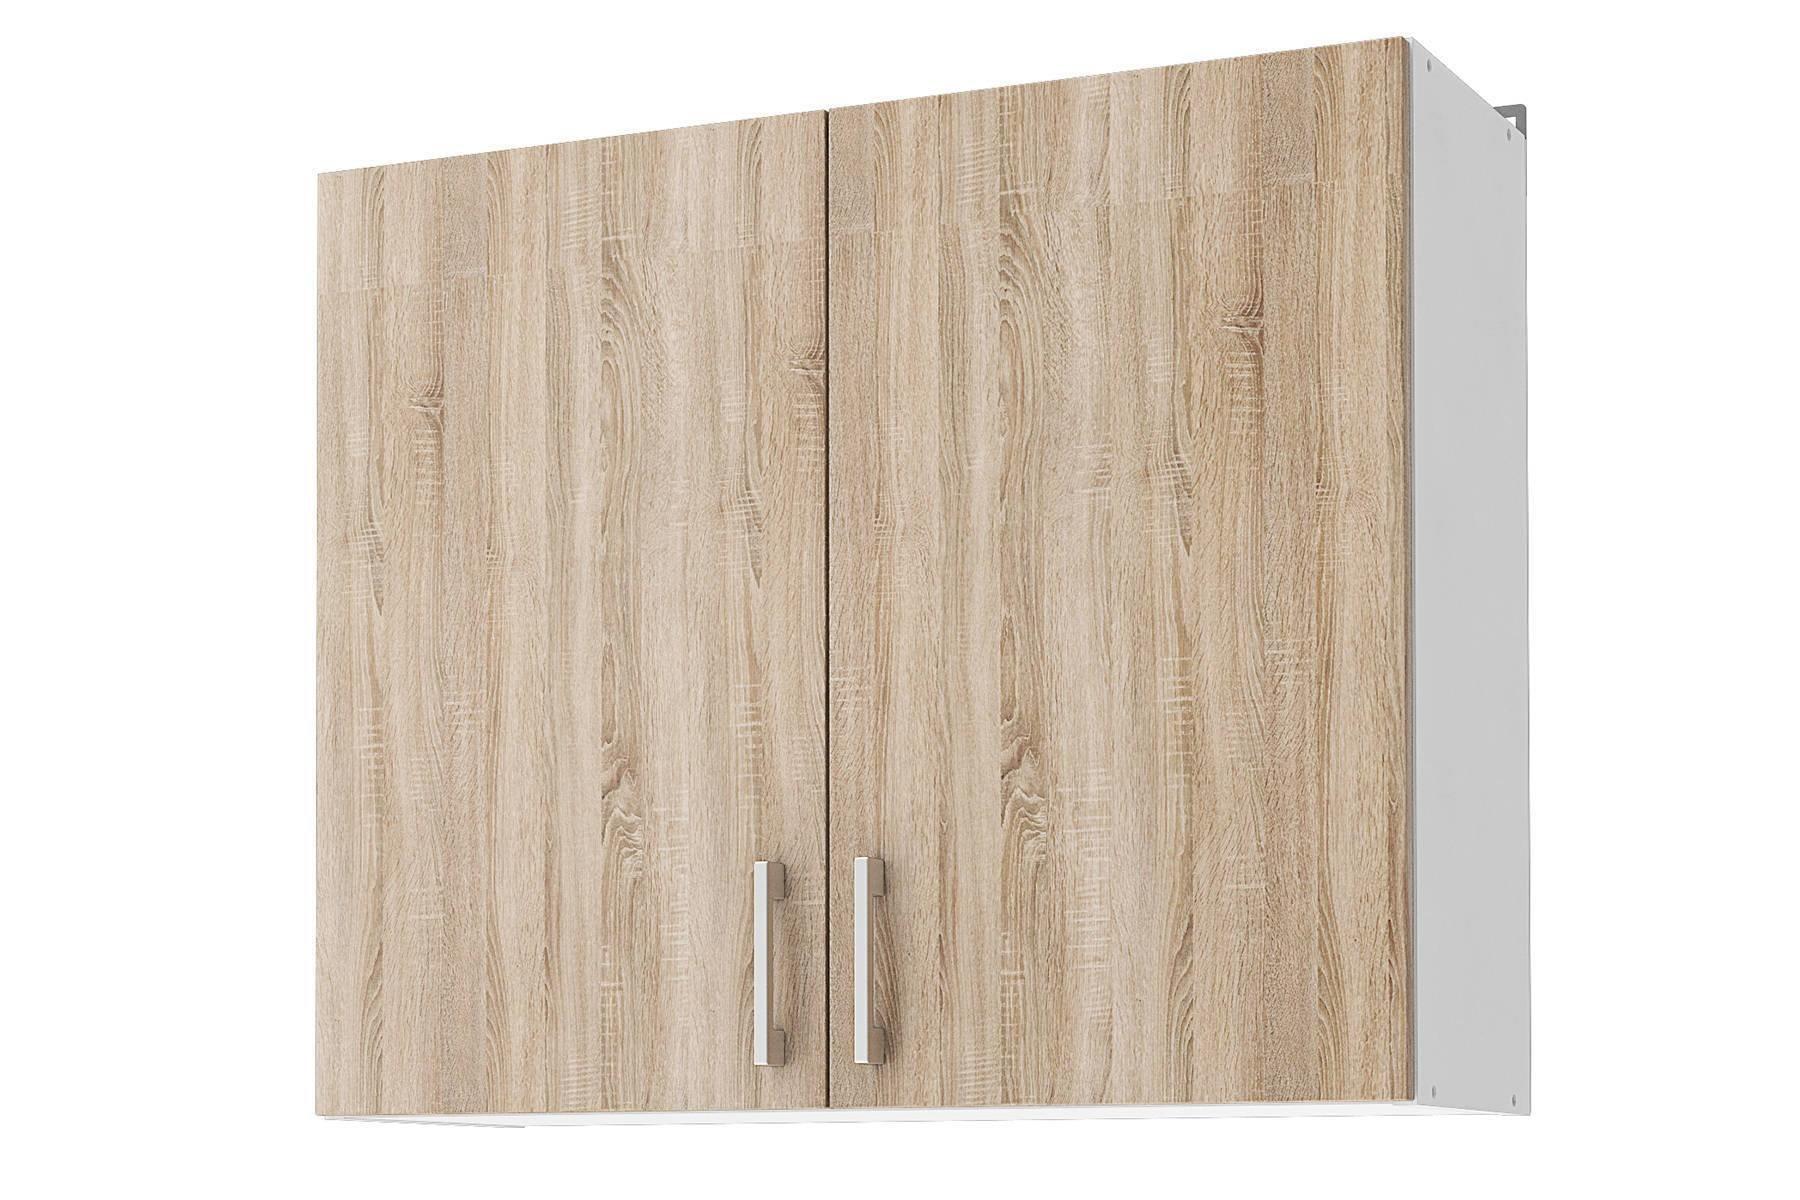 Купить Полка для ванной комнаты Brissen, 2 ярусная, BSR-0739, белый, 20,6 х 20,6 х 29 см – цена 3399 руб. в интернет-магазине ugra.ru с отзывами и фото. Полки Brissen